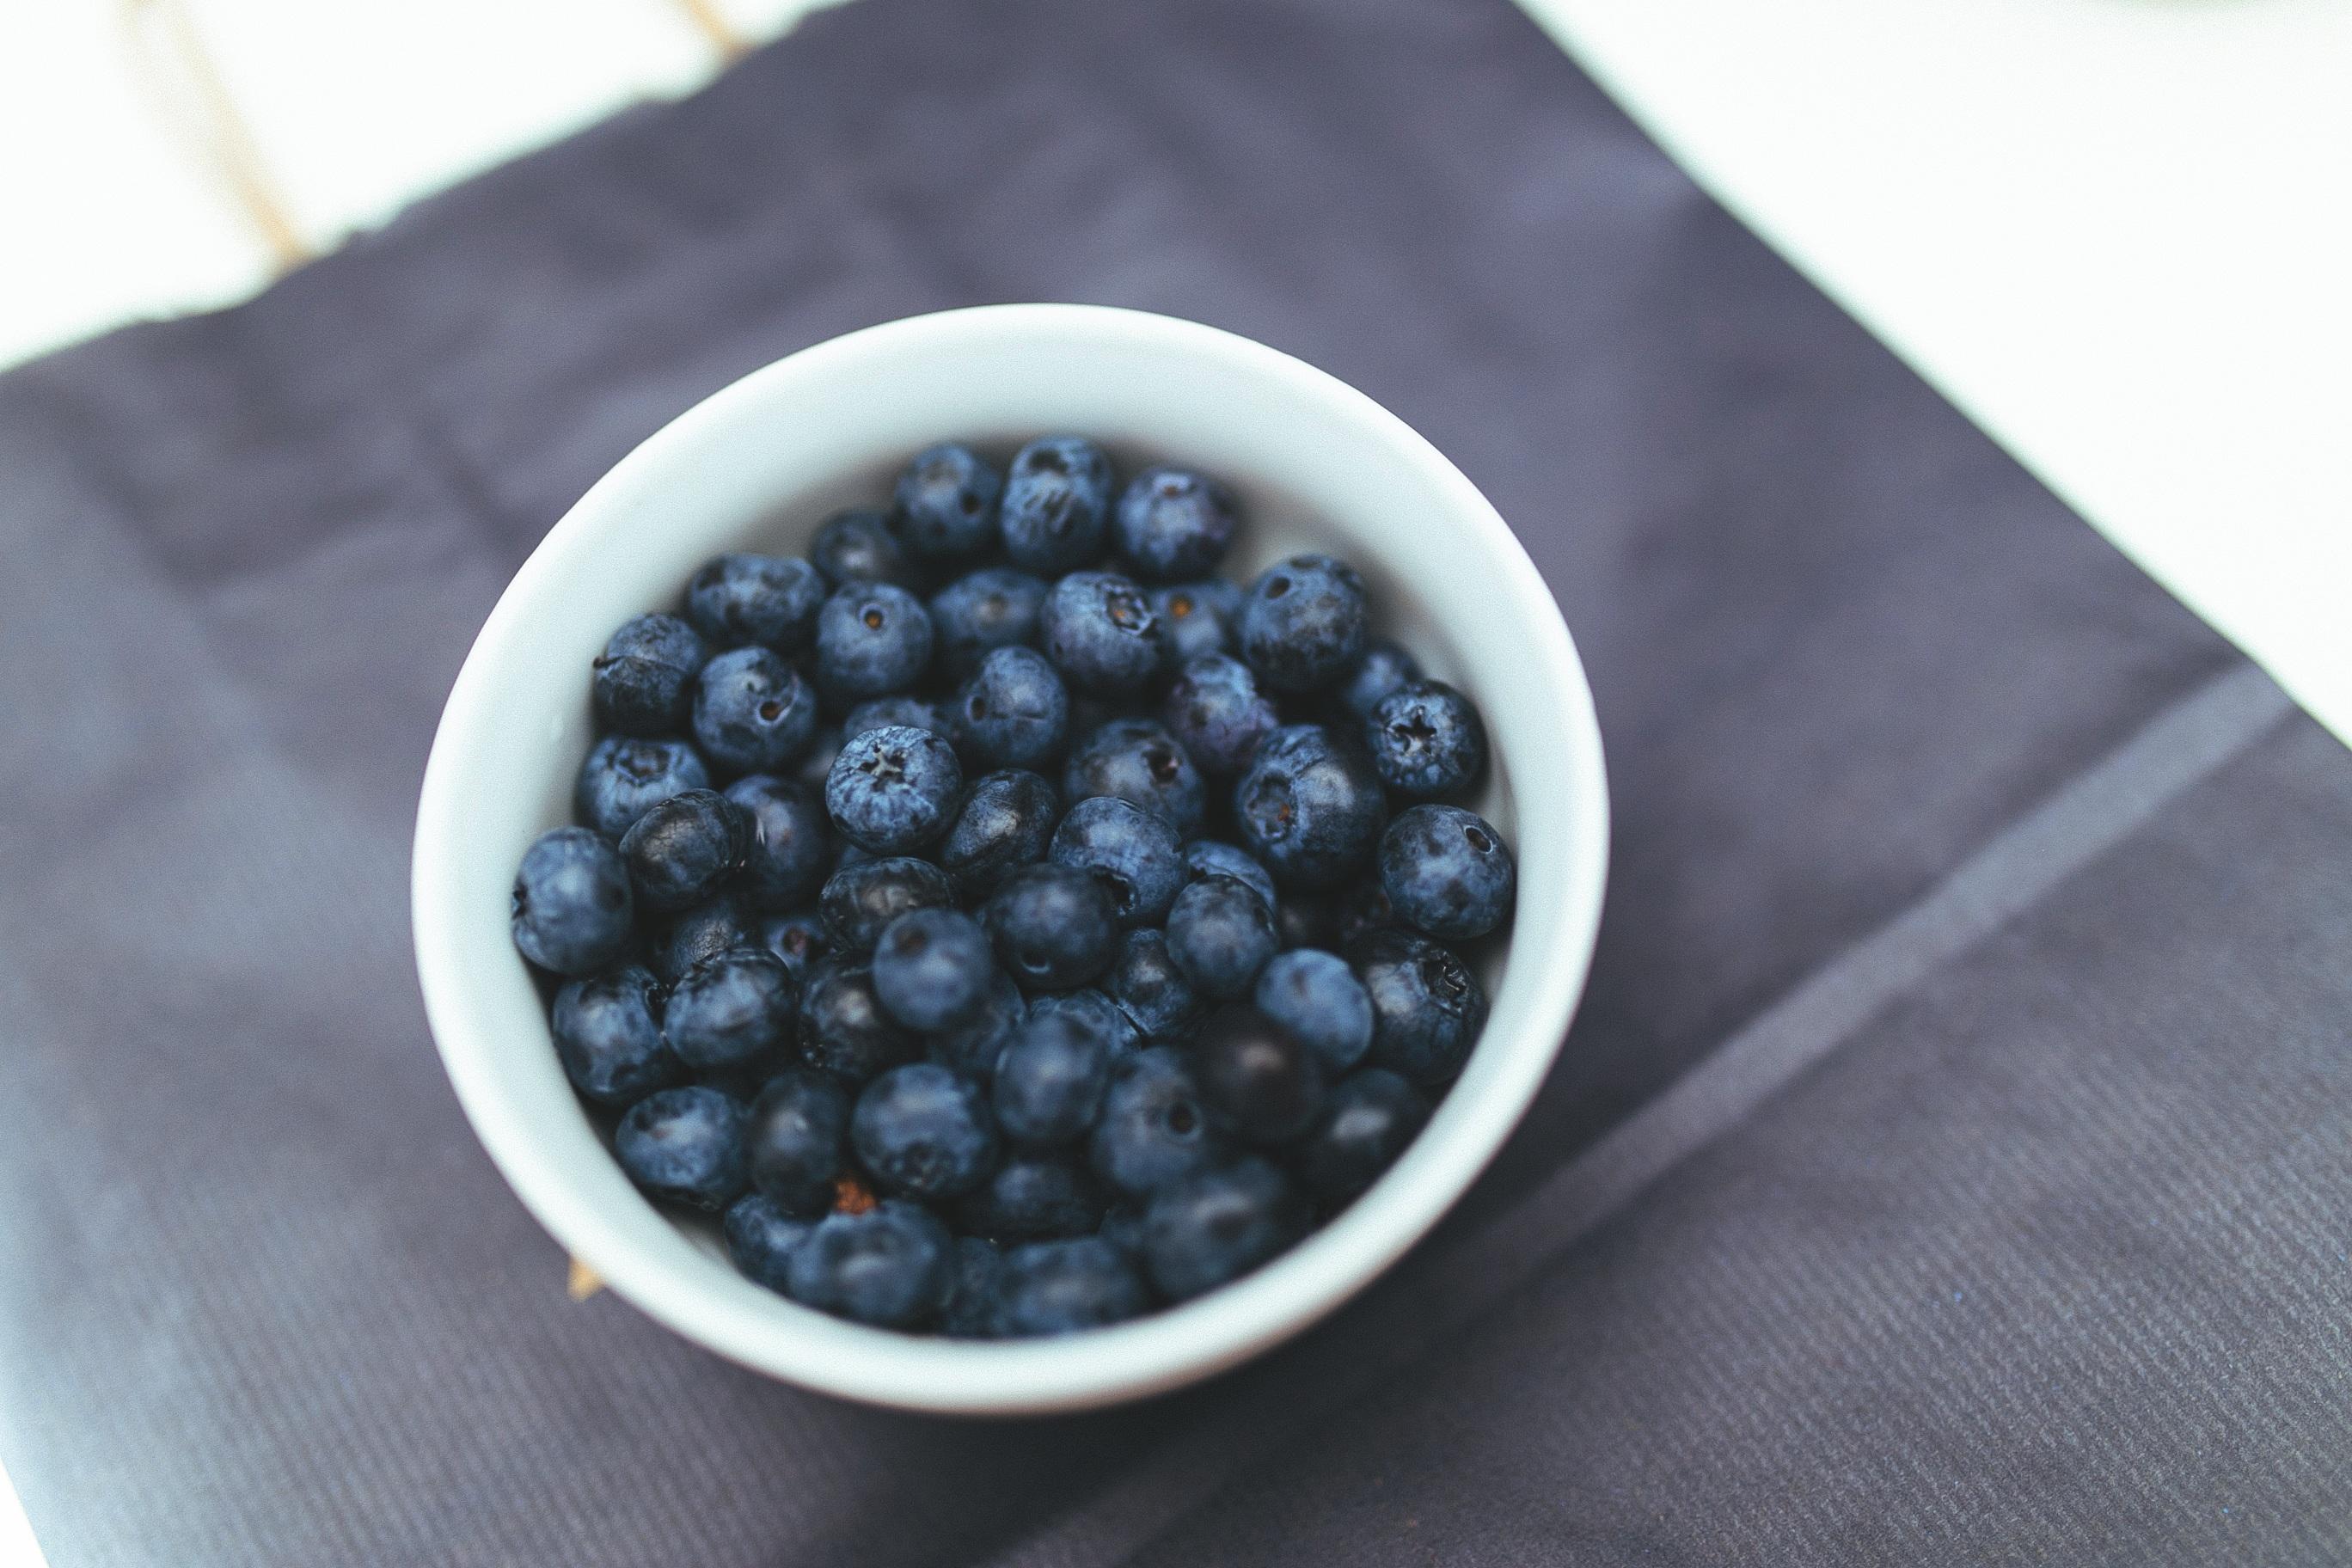 blåbær sundhed